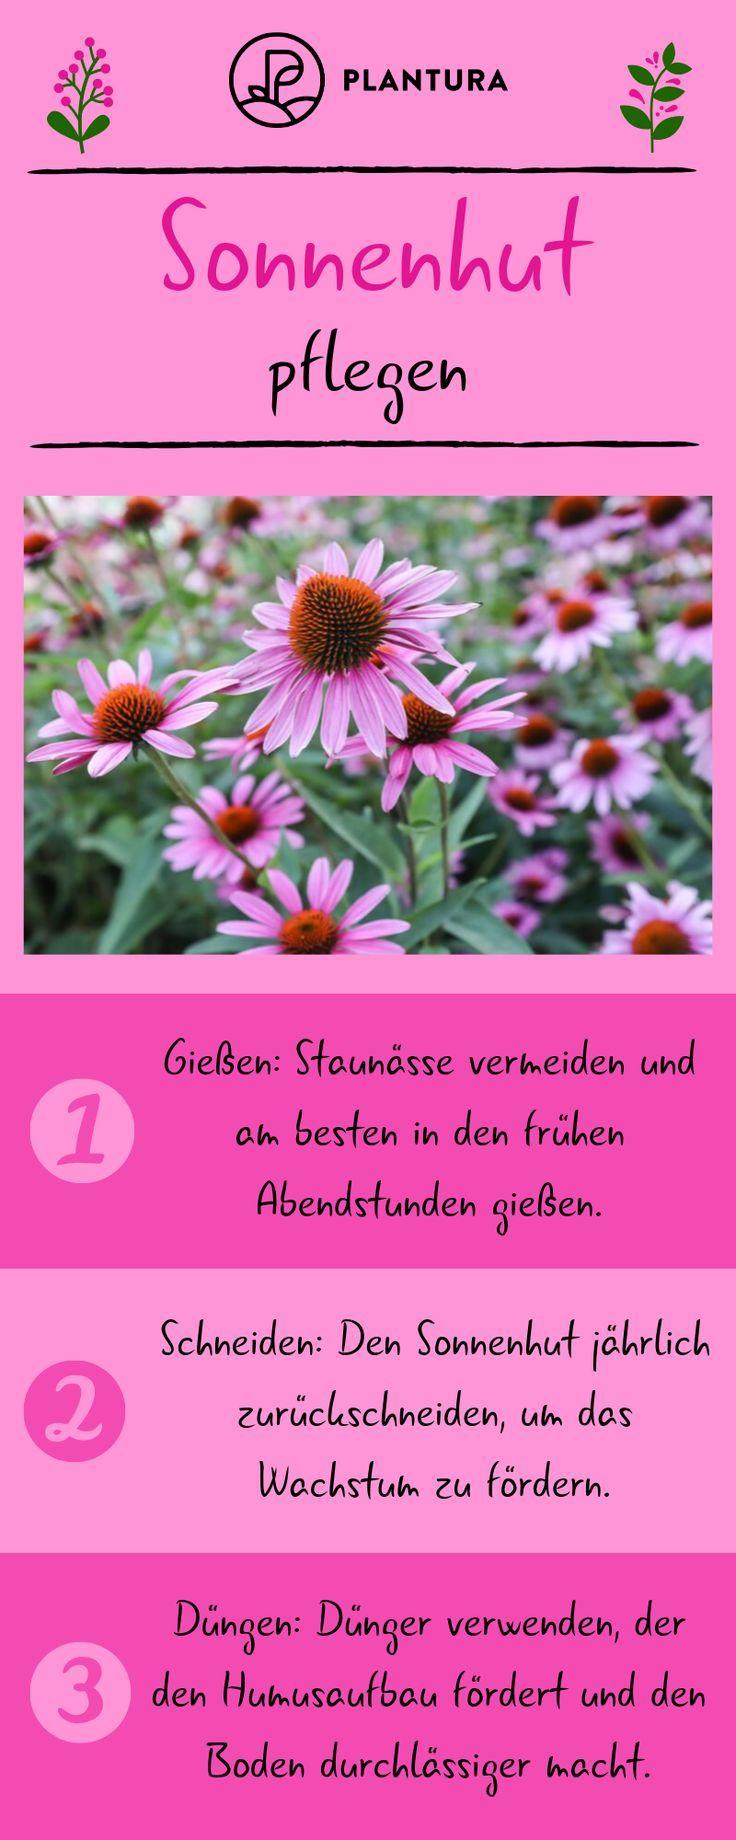 Sonnenhut: Experten-Tipps zum Anpflanzen, Schneiden & Vermehren - Plantura